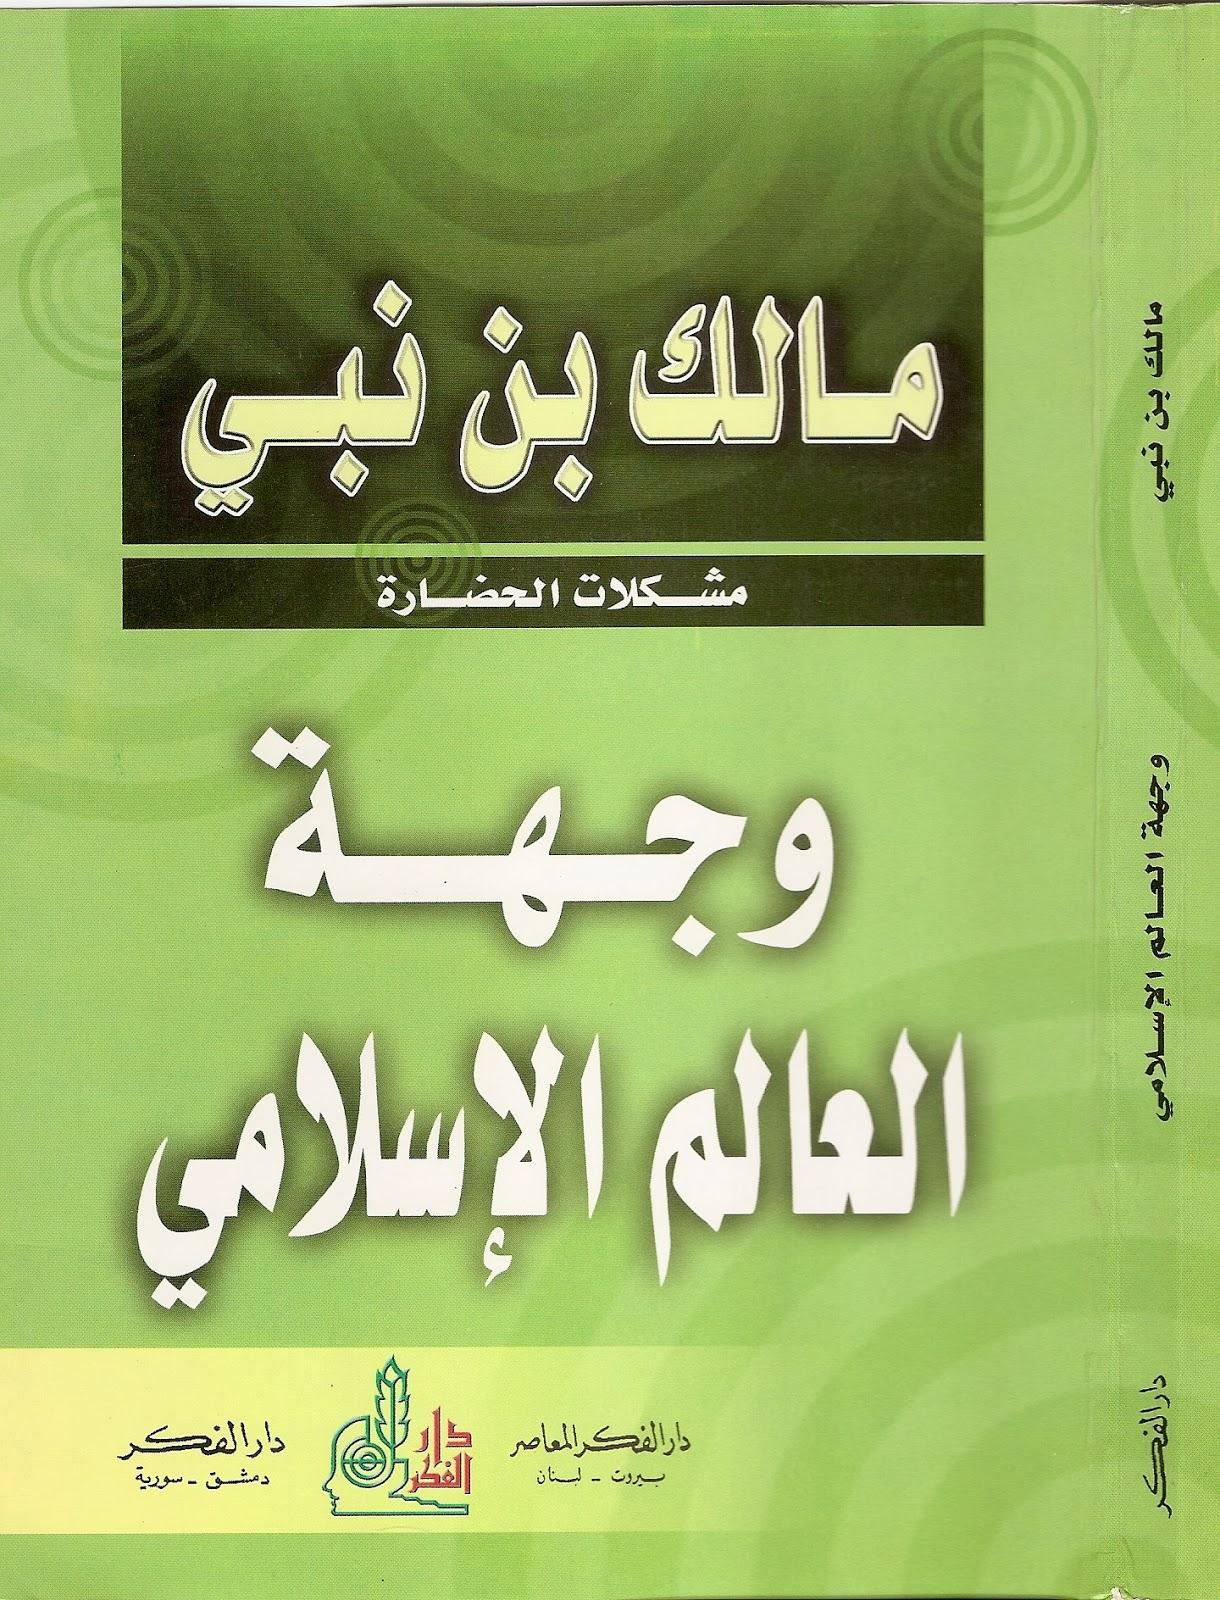 مالك بن نبي، وجهة العالم الإسلامي